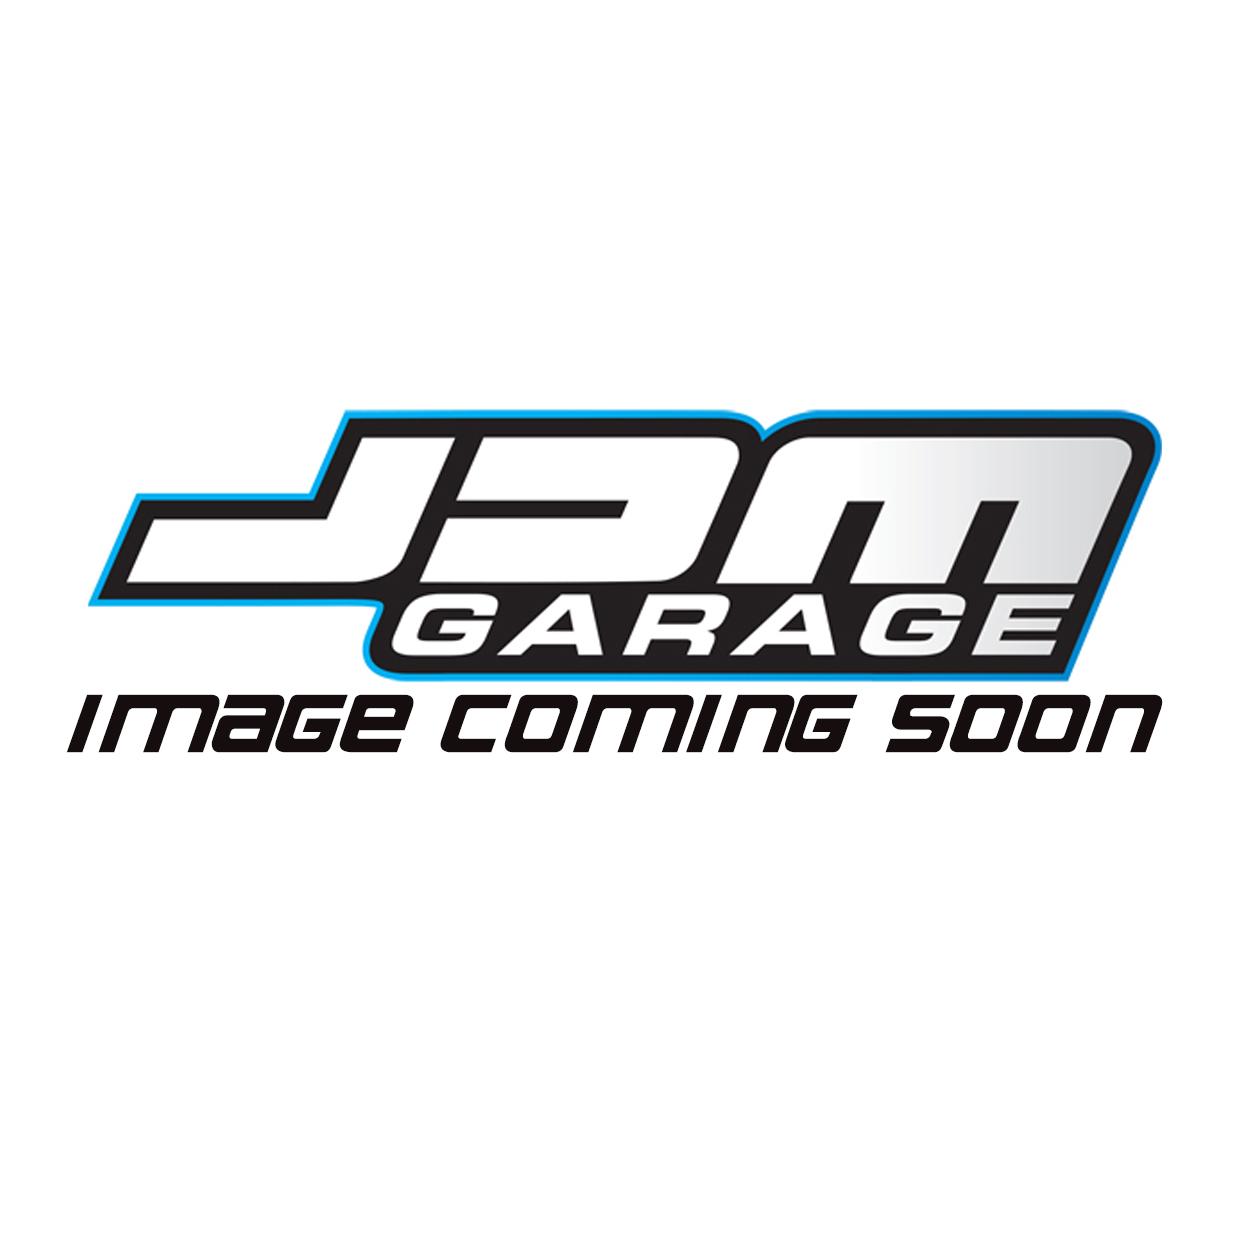 Tomei Japan Expreme 4G36T Exhaust Manifold Heat Shield Mitsubishi Lancer Evolution EVO 4 IV 5 V 6 VI 7 VII 8 VIII 9 IX